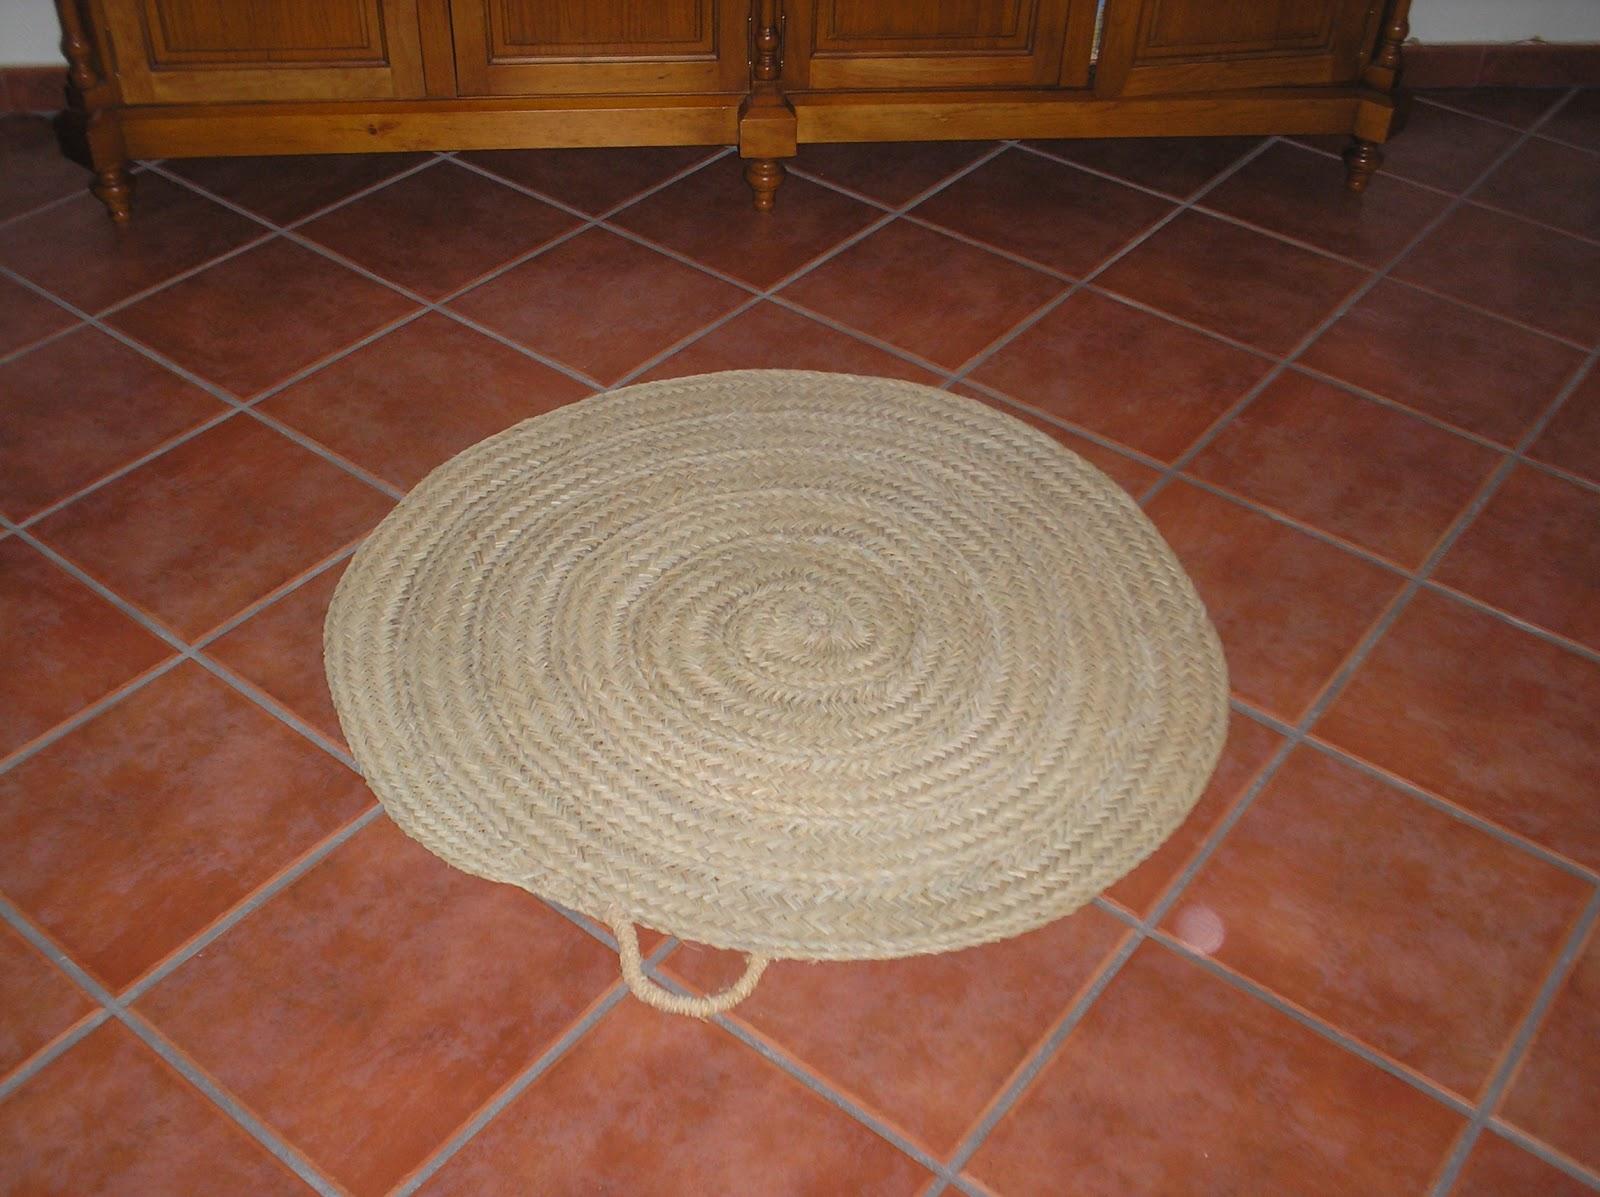 Artesan a con esparto alfombras - Artesania esparto ...